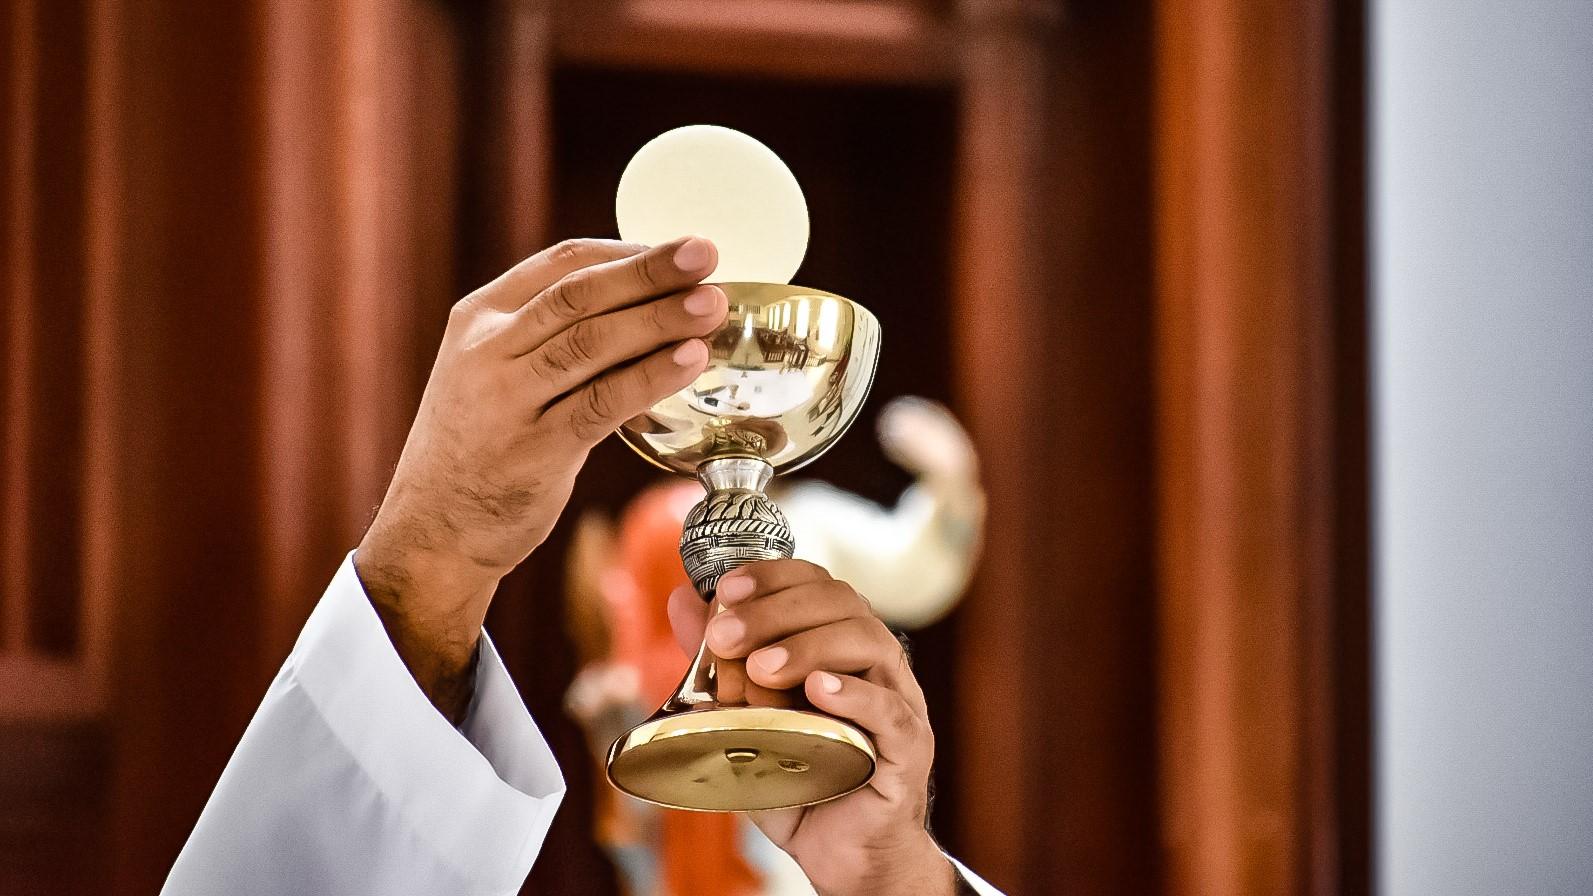 Deacon-structing receiving Communion, part 2